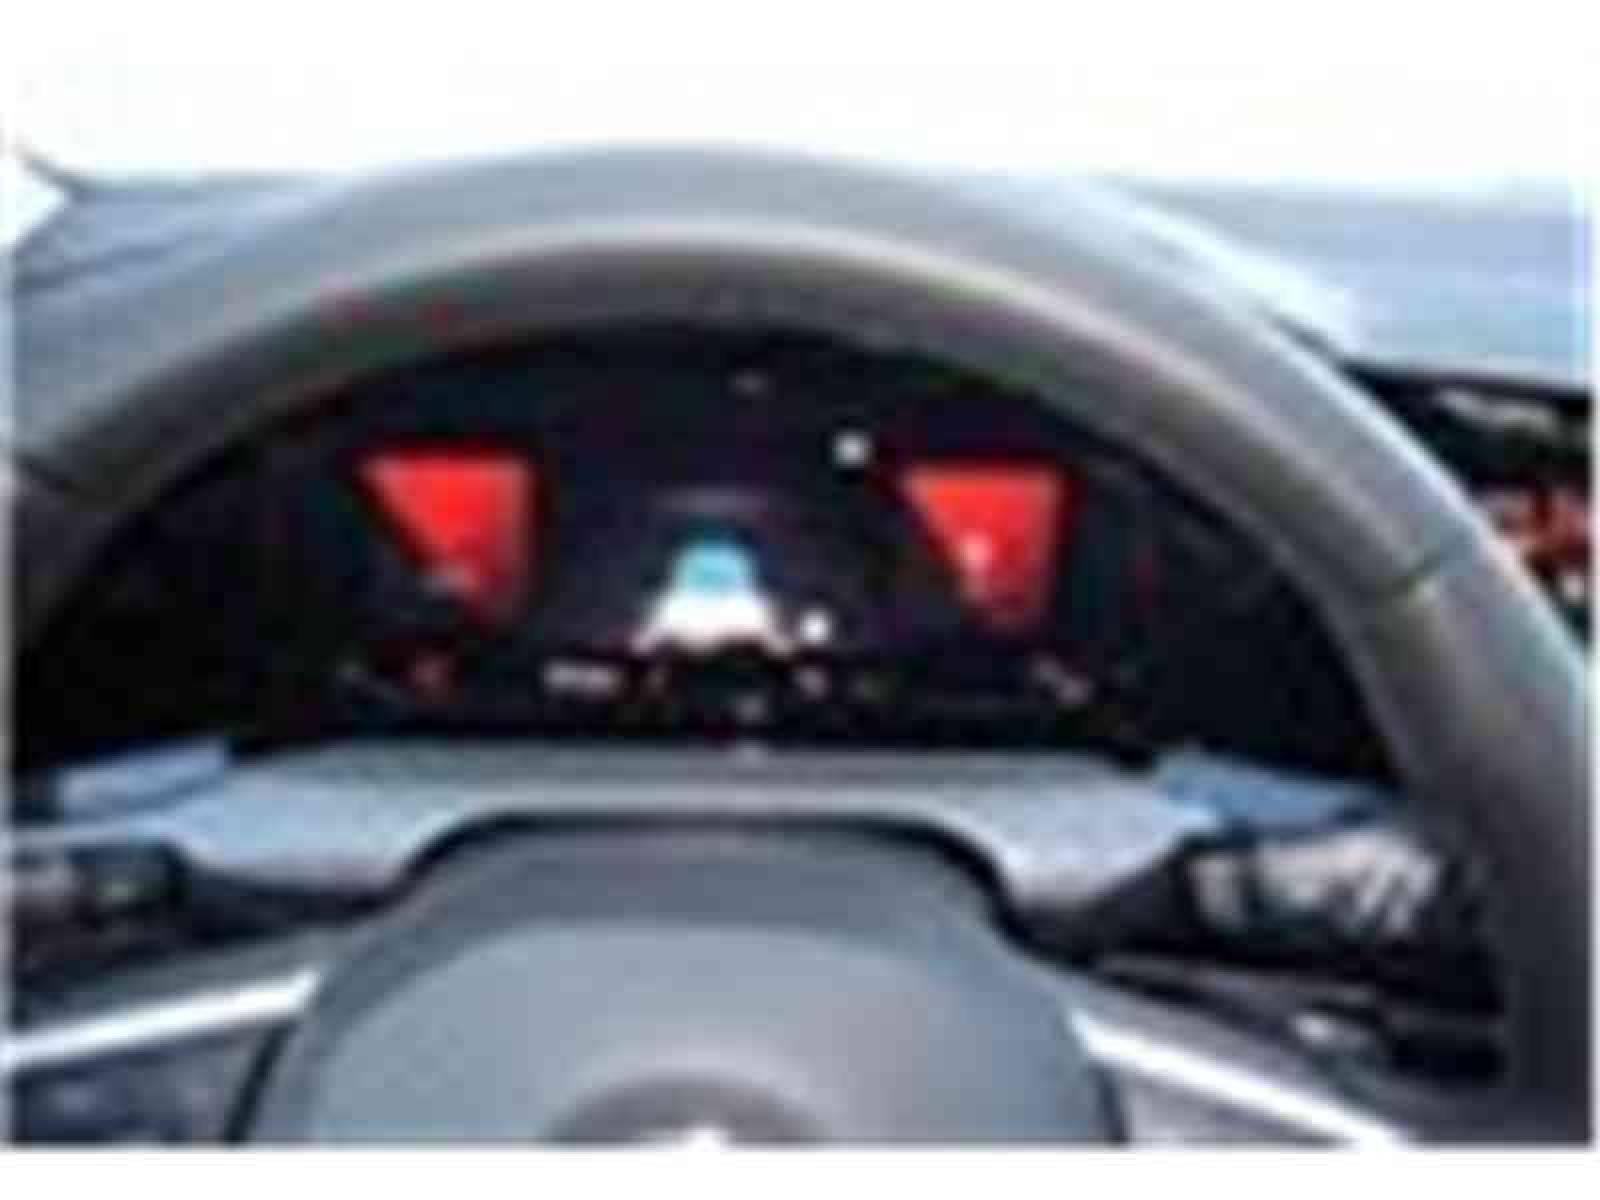 VOLKSWAGEN Golf 1.5 eTSI OPF 150 DSG7 - véhicule d'occasion - LEMAUVIEL AUTOMOBILES - Présentation site web V2 - Lemauviel automobiles - AVRANCHES - 50300 - LE VAL-SAINT-PÈRE - 13